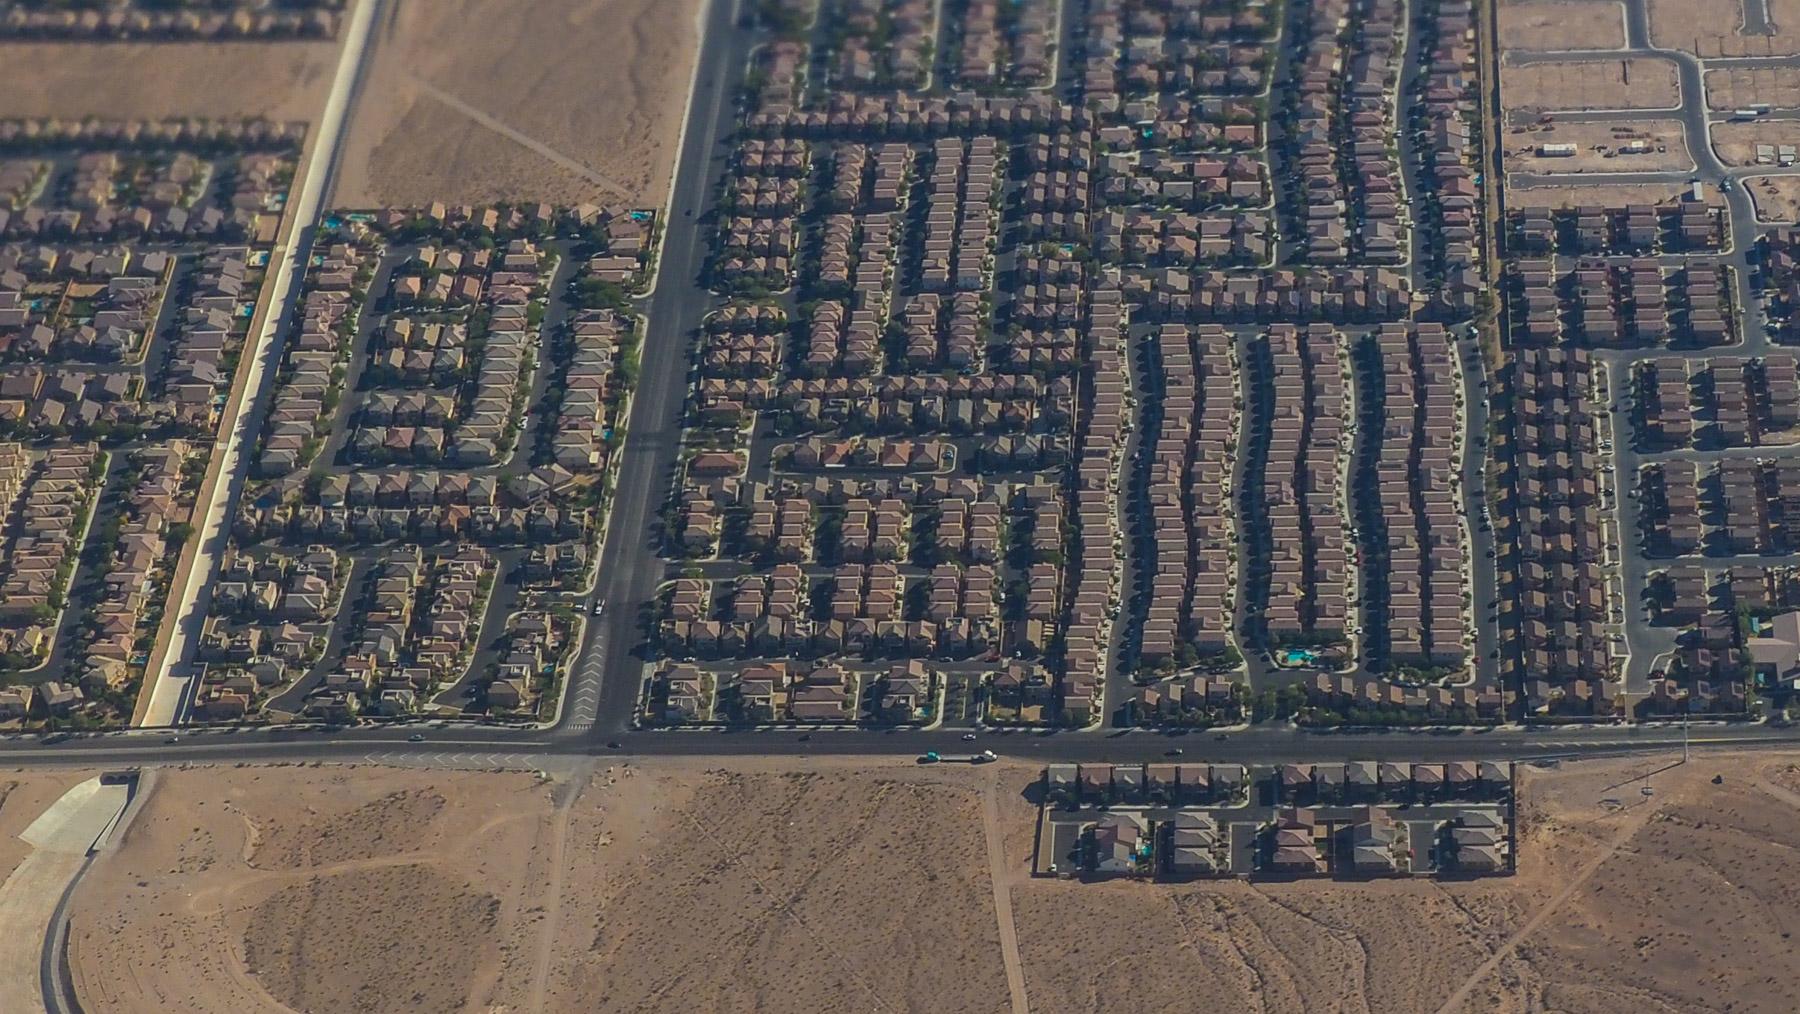 Die Wohnsiedlungen von Las Vegas  in der Wüste - eher trostlos